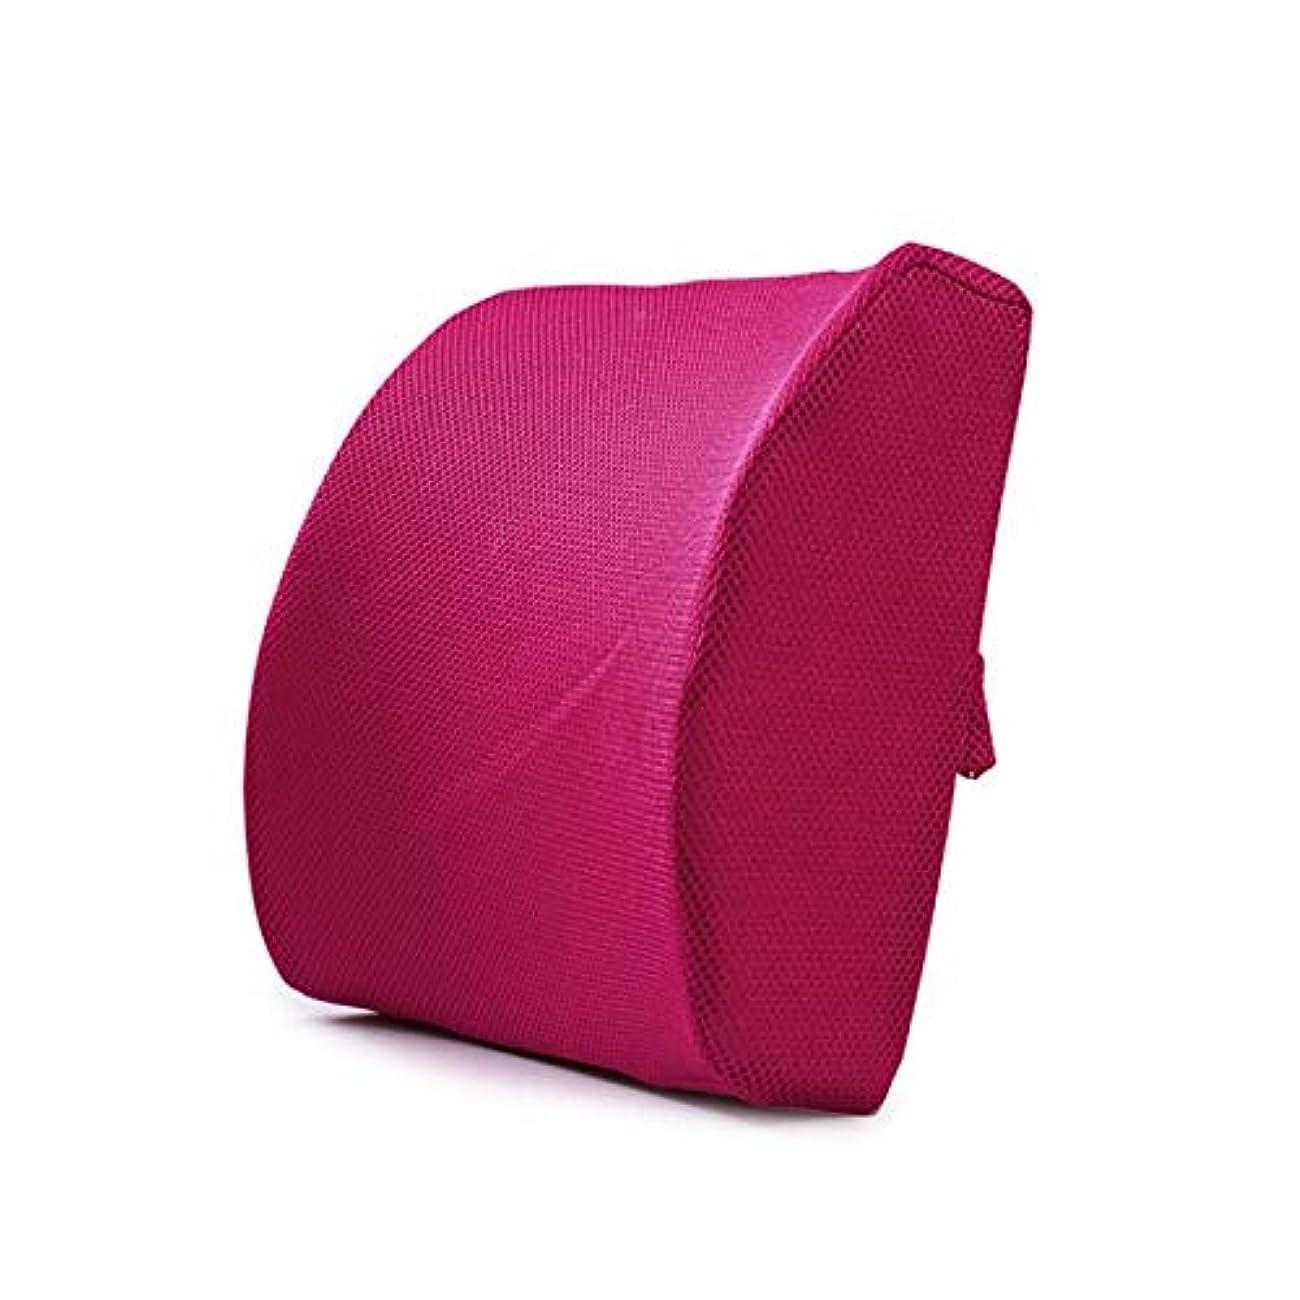 独立した順番また明日ねLIFE ホームオフィス背もたれ椅子腰椎クッションカーシートネック枕 3D 低反発サポートバックマッサージウエストレスリビング枕 クッション 椅子